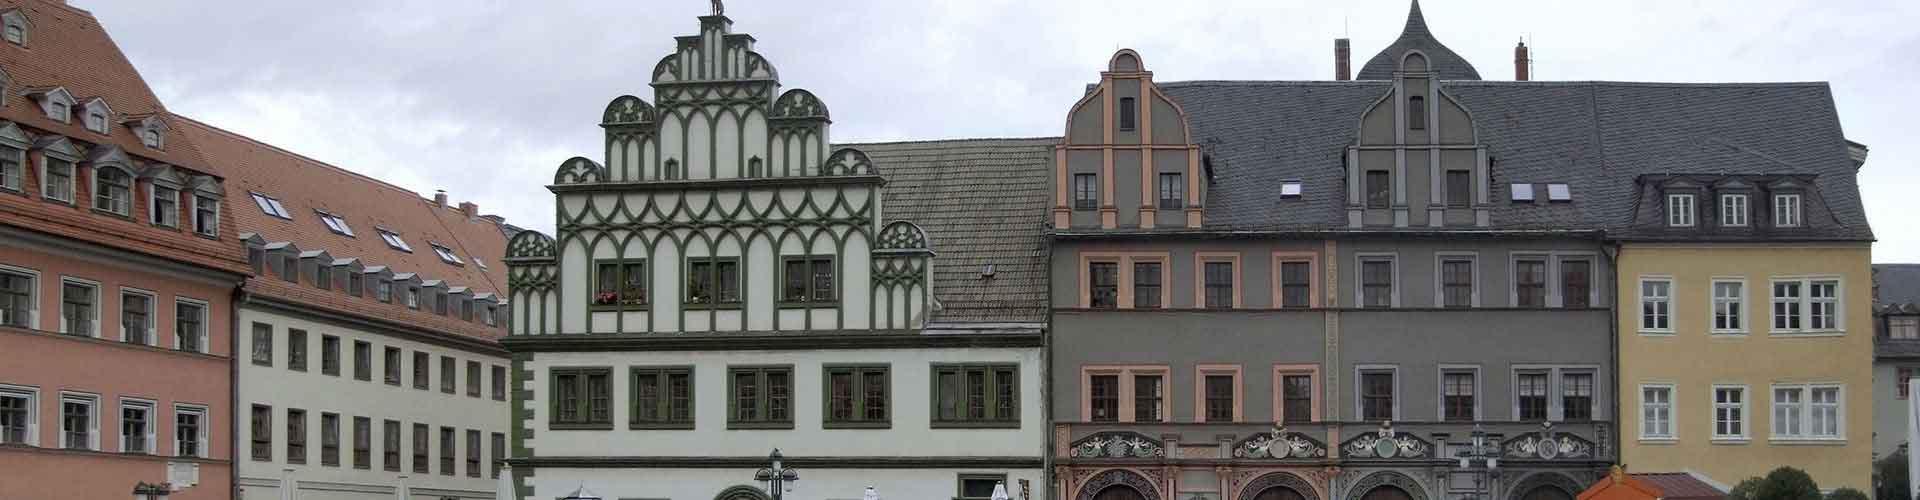 Weimar - Habitaciones en Weimar. Mapas de Weimar, Fotos y Comentarios para cada habitación en Weimar.